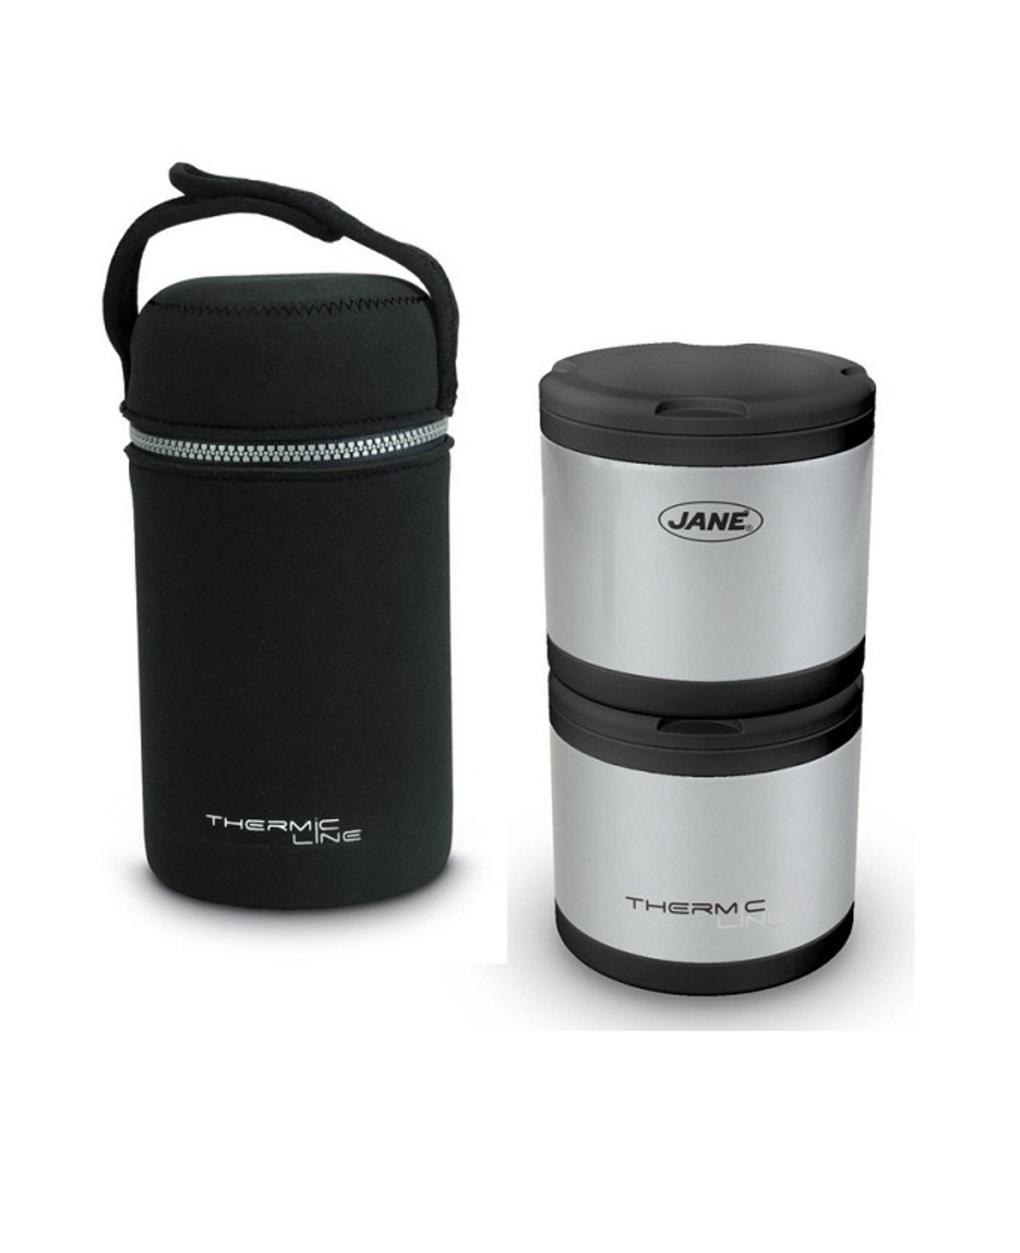 Jané - pack 2 termos para sólidos inox 500cc com tampa neoprene - Jané